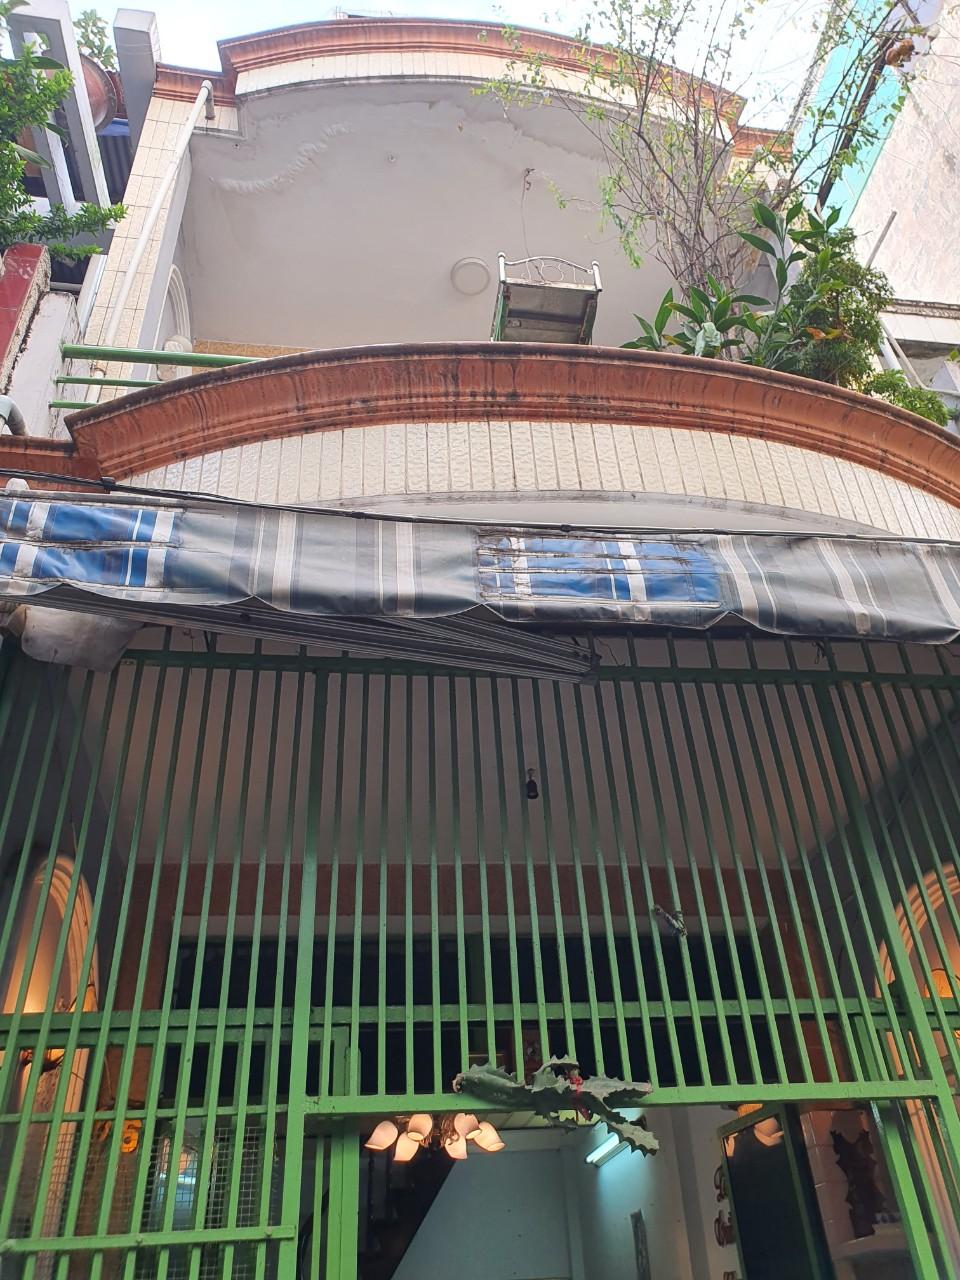 Bán nhà Hưng Phú phường 10 Quận 8 dưới 4 tỷ mới nhất 2021